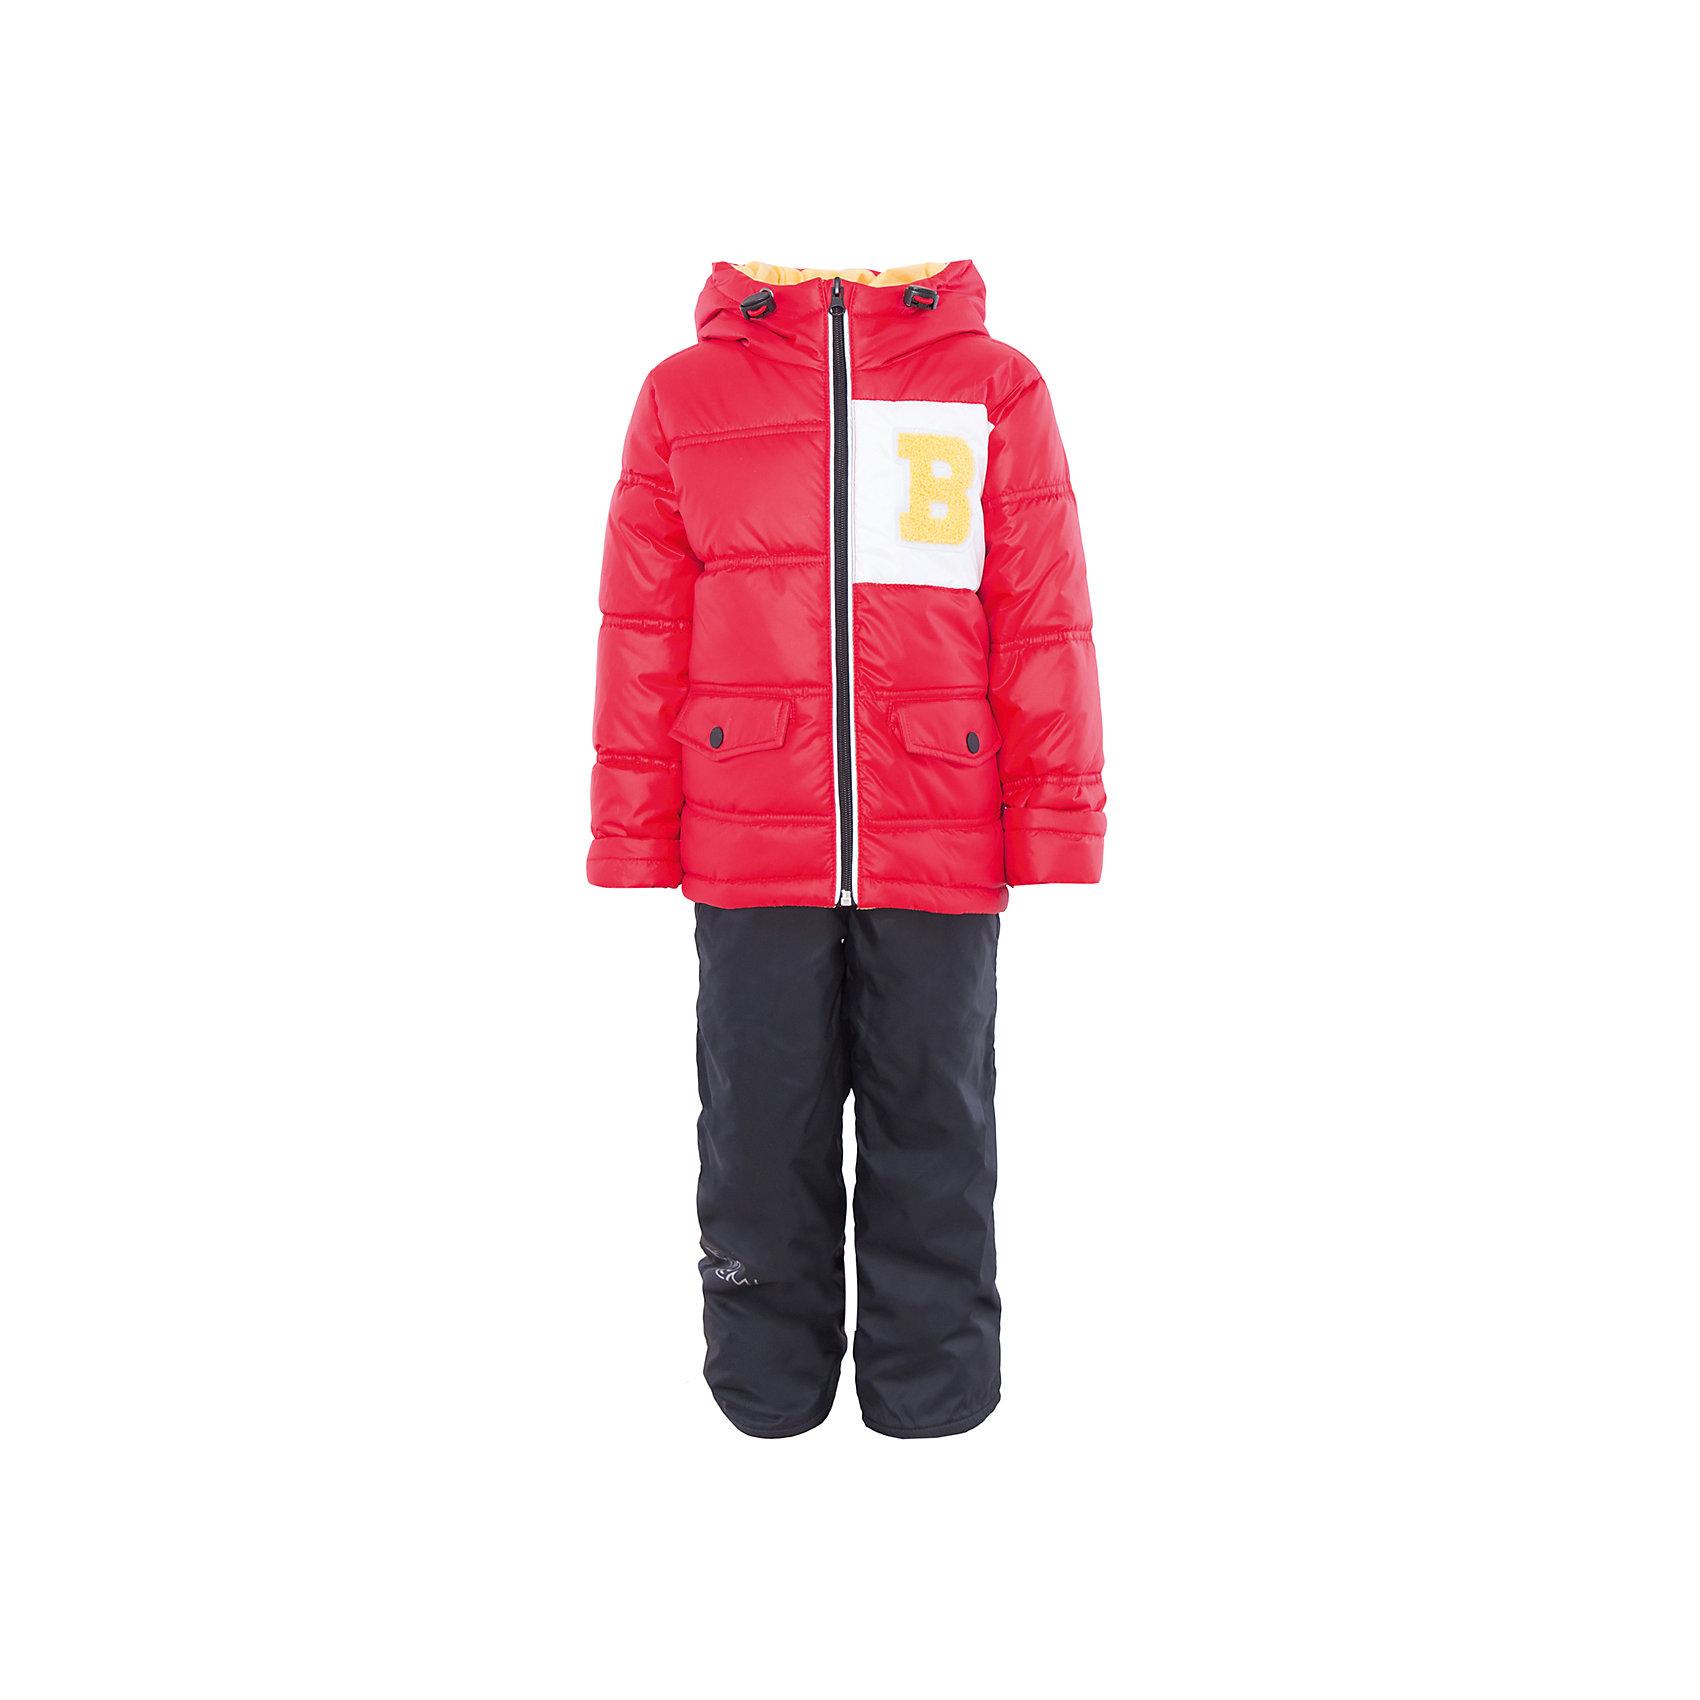 Комплект для мальчика BOOM by OrbyВерхняя одежда<br>Характеристики товара:<br><br>• цвет: красный/тёмно-синий<br>• состав: <br>курточка: верх - болонь, подкладка - поликоттон, полиэстер, утеплитель: эко-синтепон 150 г/м2<br>брюки: верх - таффета, подкладка - флис<br>• комплектация: куртка, брюки<br>• температурный режим: от -5 С° до +10 С° <br>• капюшон с утяжкой, не отстёгивается<br>• из практичной ткани<br>• застежка - молния<br>• куртка декорирована нашивкой<br>• отвороты помогают заметно трансформировать размер<br>• комфортная посадка<br>• страна производства: Российская Федерация<br>• страна бренда: Российская Федерация<br>• коллекция: весна-лето 2017<br><br>Такой комплект - универсальный вариант для межсезонья с постоянно меняющейся погодой. Эта модель - модная и удобная одновременно! Изделие отличается стильным ярким дизайном. Куртка и брюки хорошо сидят по фигуре, отлично сочетается с различной обувью. Модель была разработана специально для детей.<br><br>Одежда от российского бренда BOOM by Orby уже завоевала популярностью у многих детей и их родителей. Вещи, выпускаемые компанией, качественные, продуманные и очень удобные. Для производства коллекций используются только безопасные для детей материалы. Спешите приобрести модели из новой коллекции Весна-лето 2017! <br><br>Комплект для мальчика от бренда BOOM by Orby можно купить в нашем интернет-магазине.<br><br>Ширина мм: 356<br>Глубина мм: 10<br>Высота мм: 245<br>Вес г: 519<br>Цвет: красный<br>Возраст от месяцев: 12<br>Возраст до месяцев: 18<br>Пол: Мужской<br>Возраст: Детский<br>Размер: 86,122,116,110,98,92,104<br>SKU: 5342619